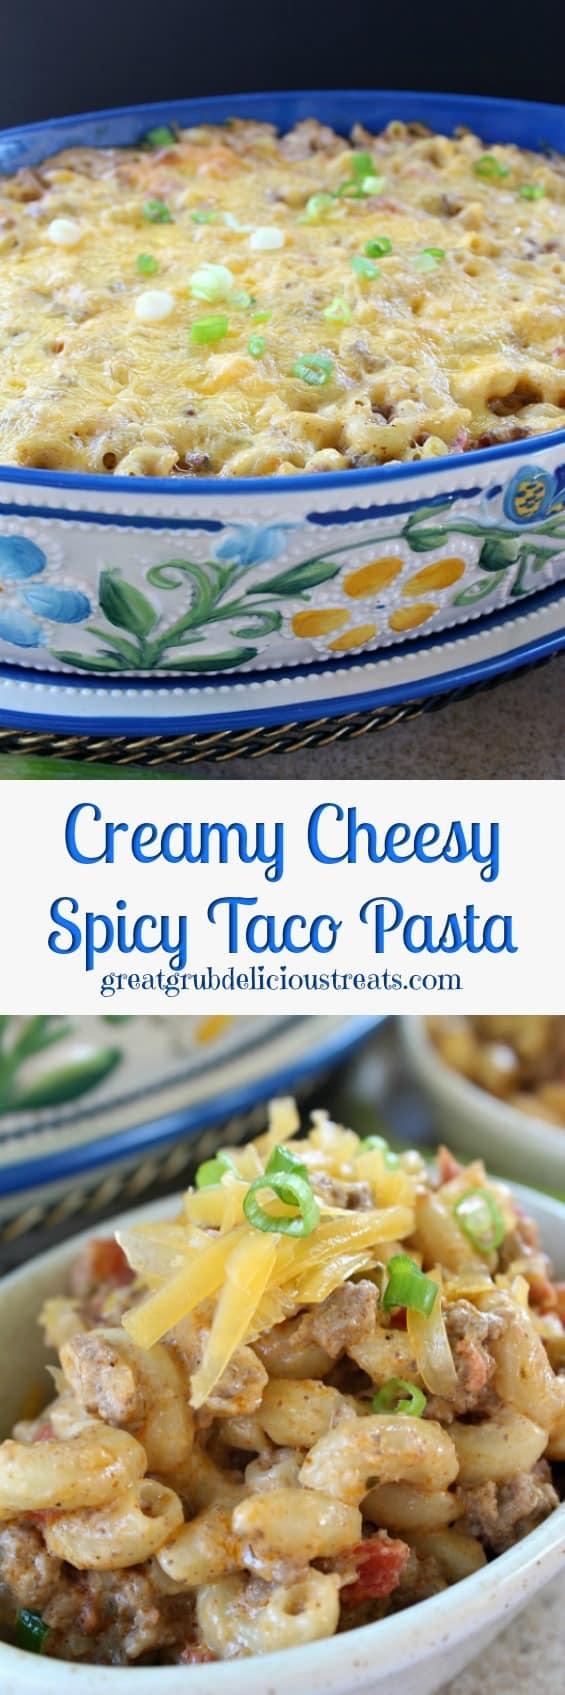 Creamy Cheesy Spicy Taco Pasta